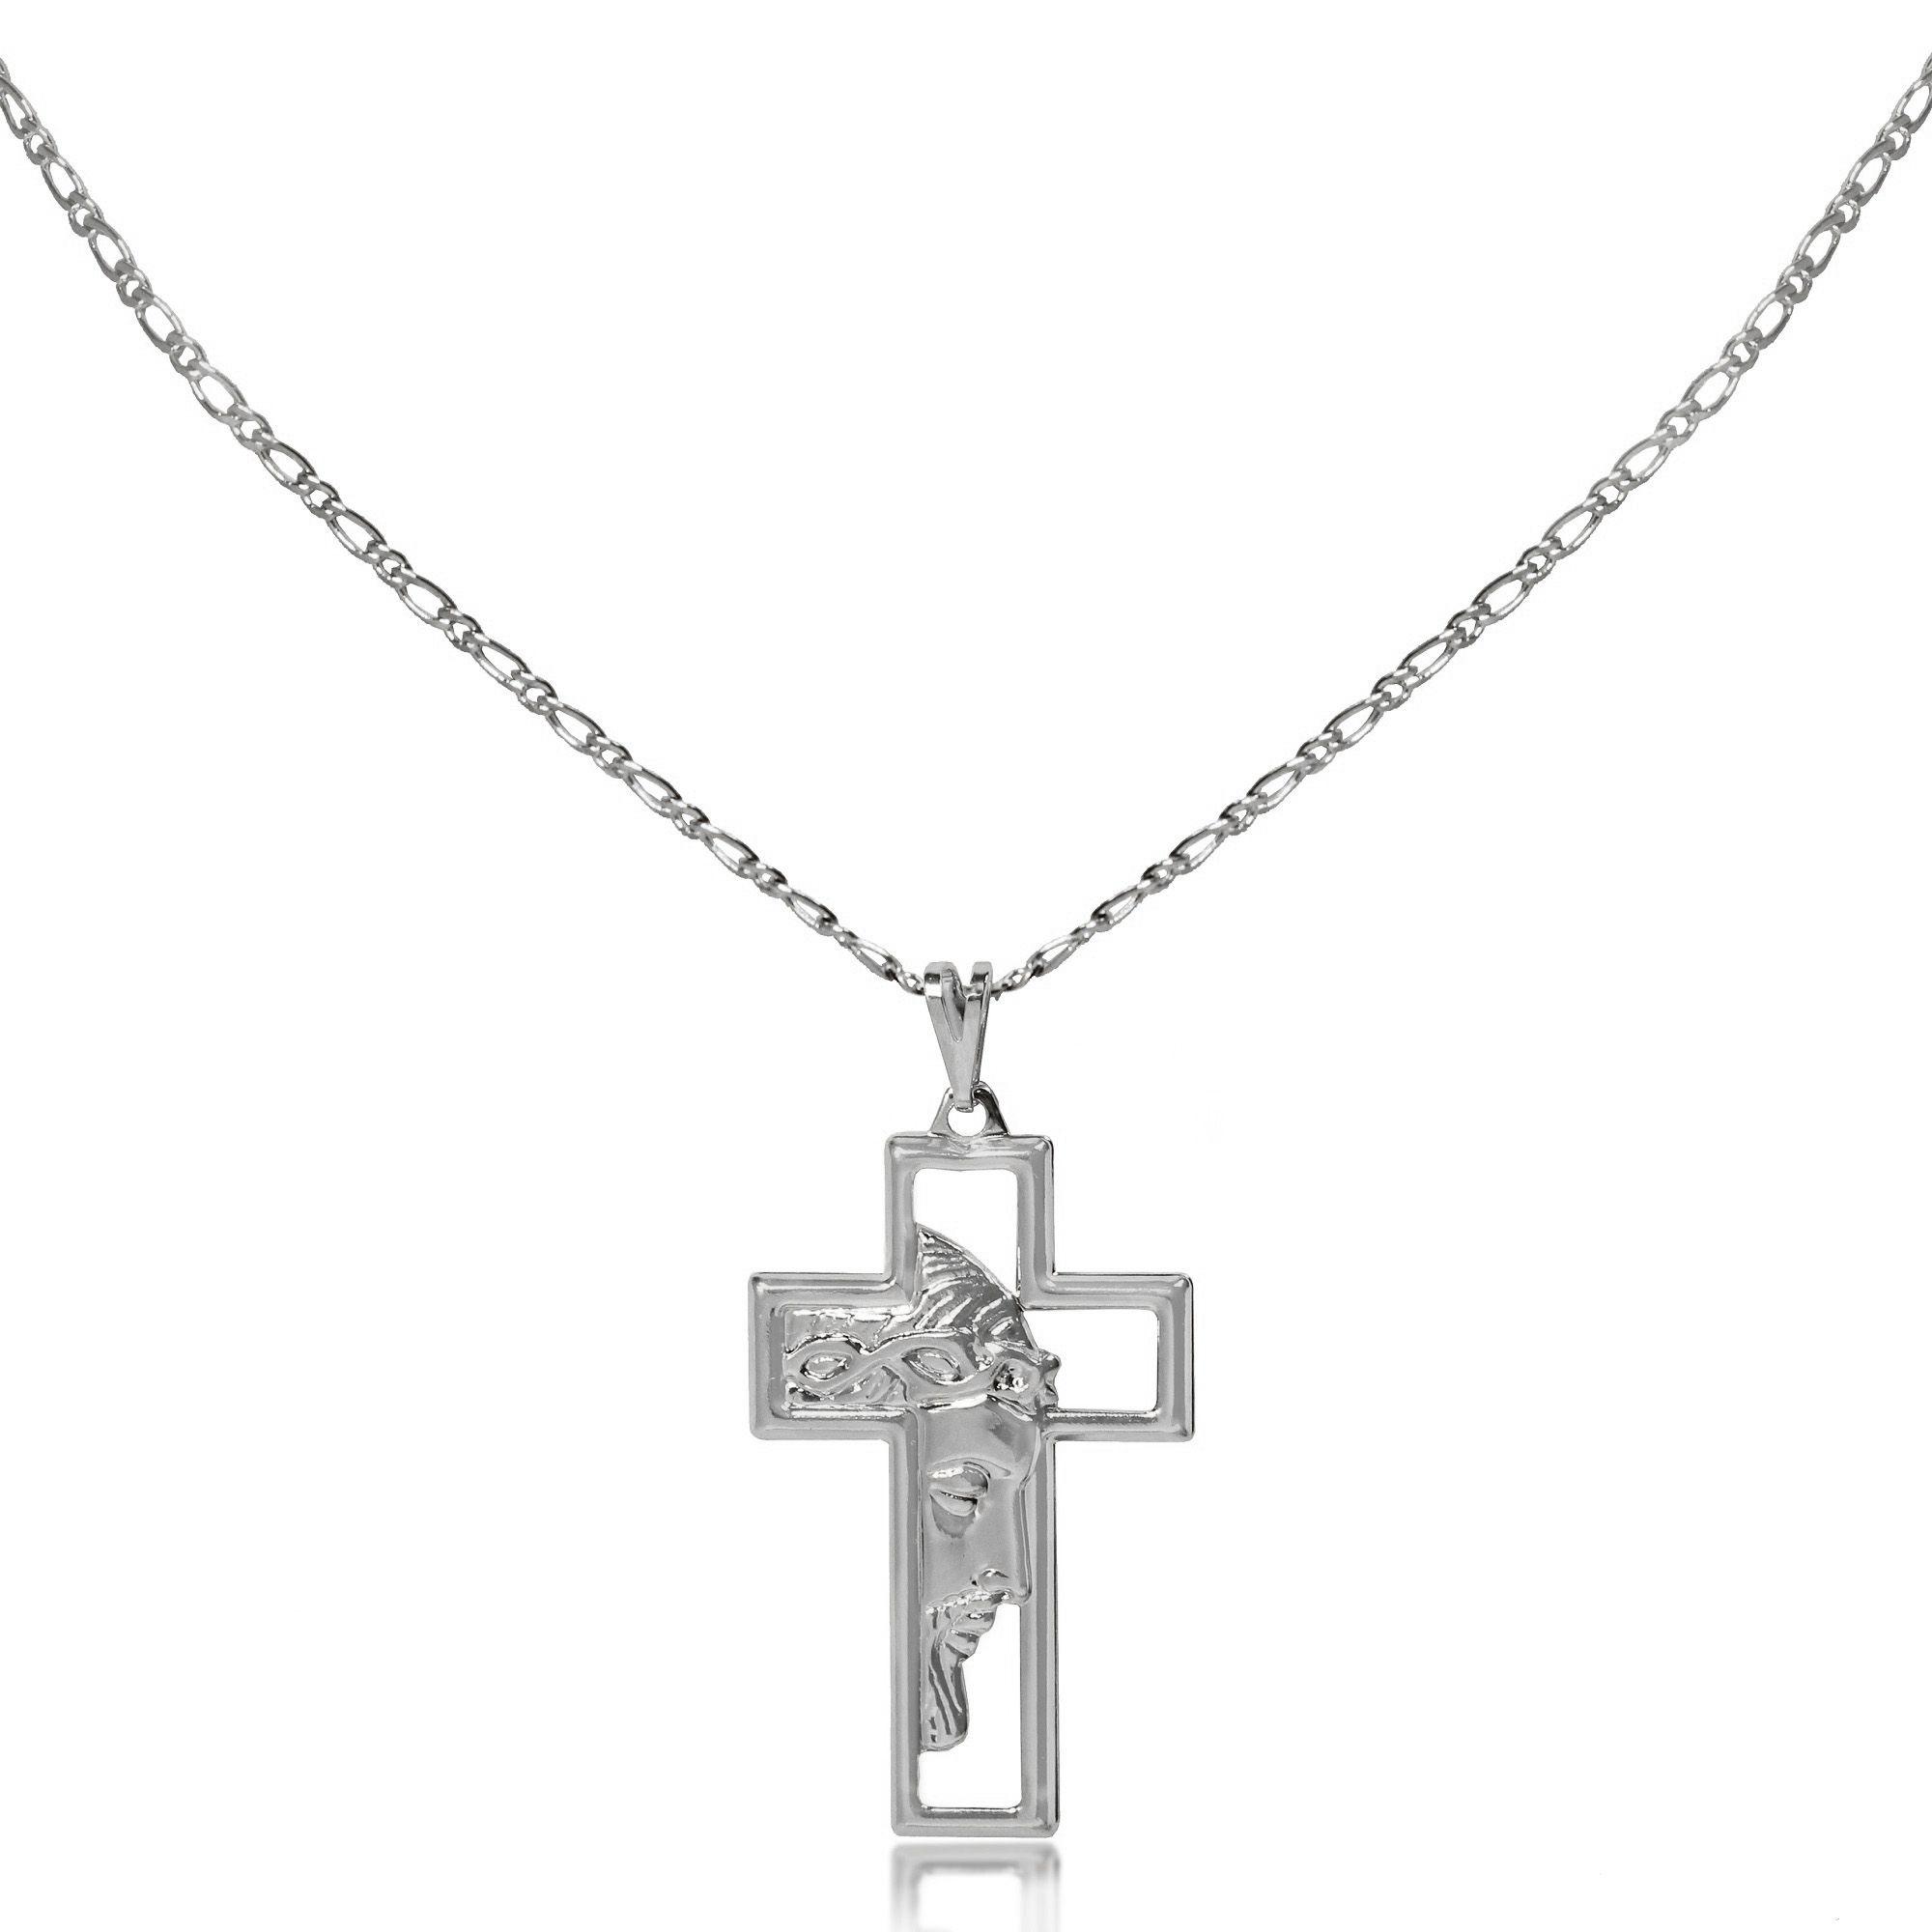 Corrente Masculina Cruz Jesus Vazado Folheado Prata 1000